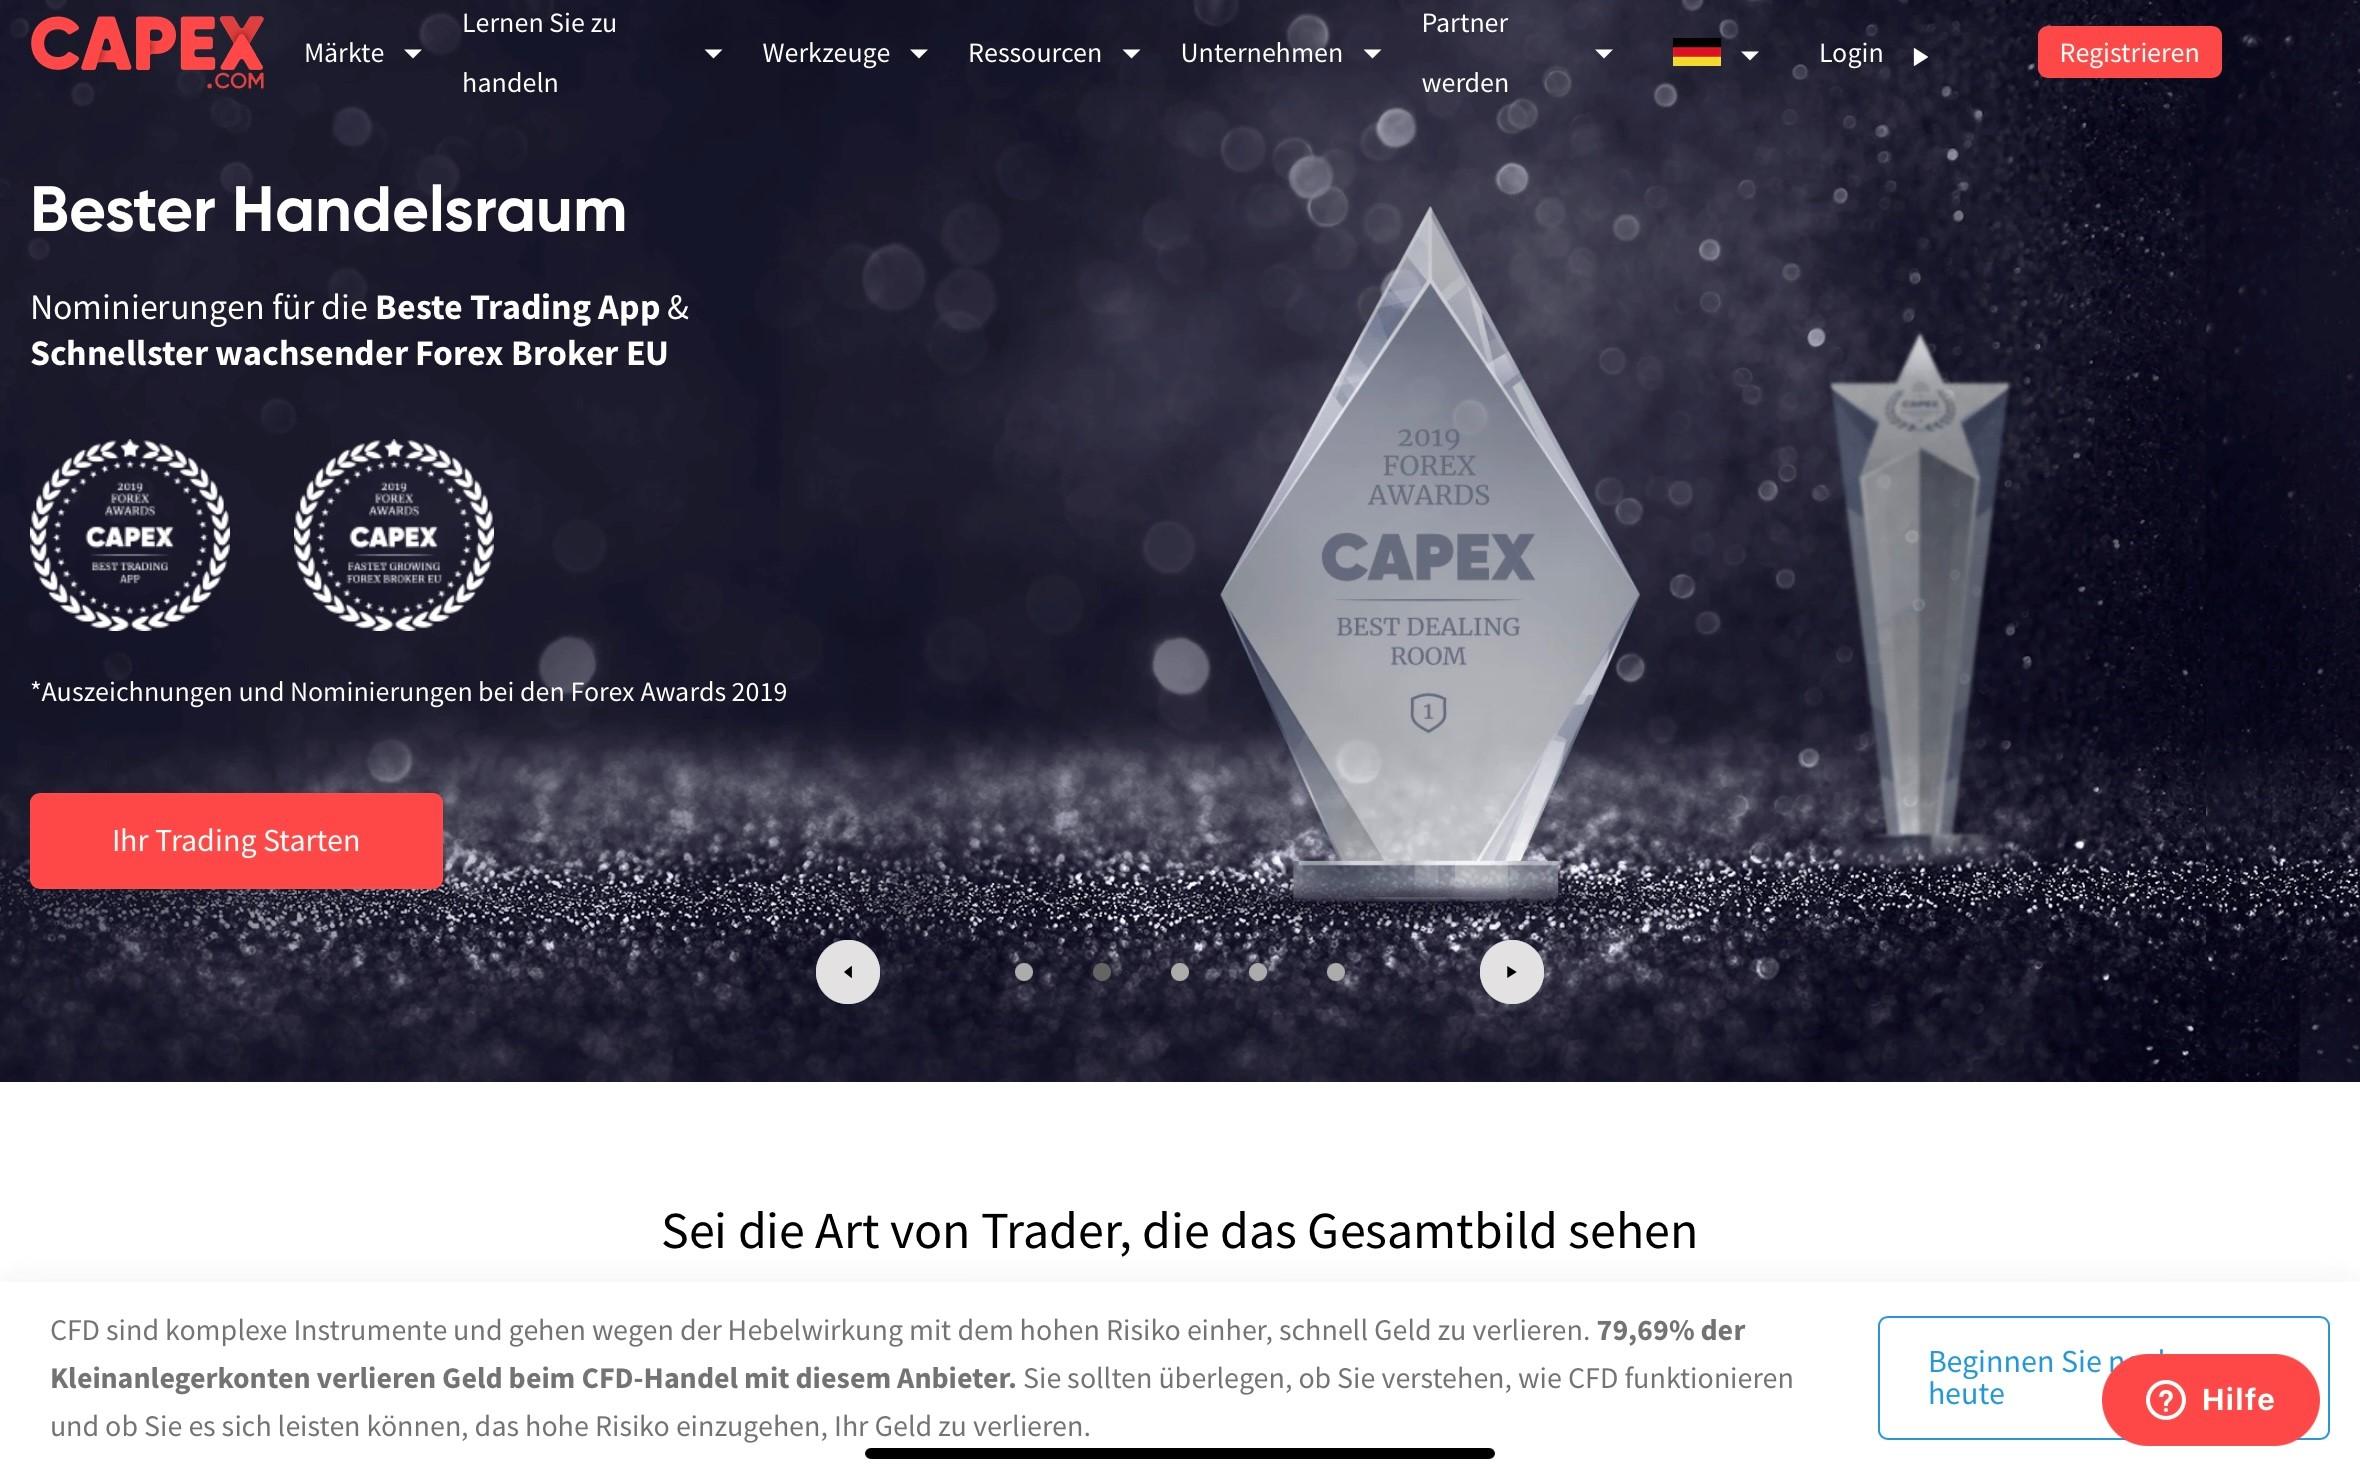 kryptowährungsbroker in Österreich wer ist der beste broker für daytrading-kryptowährung?